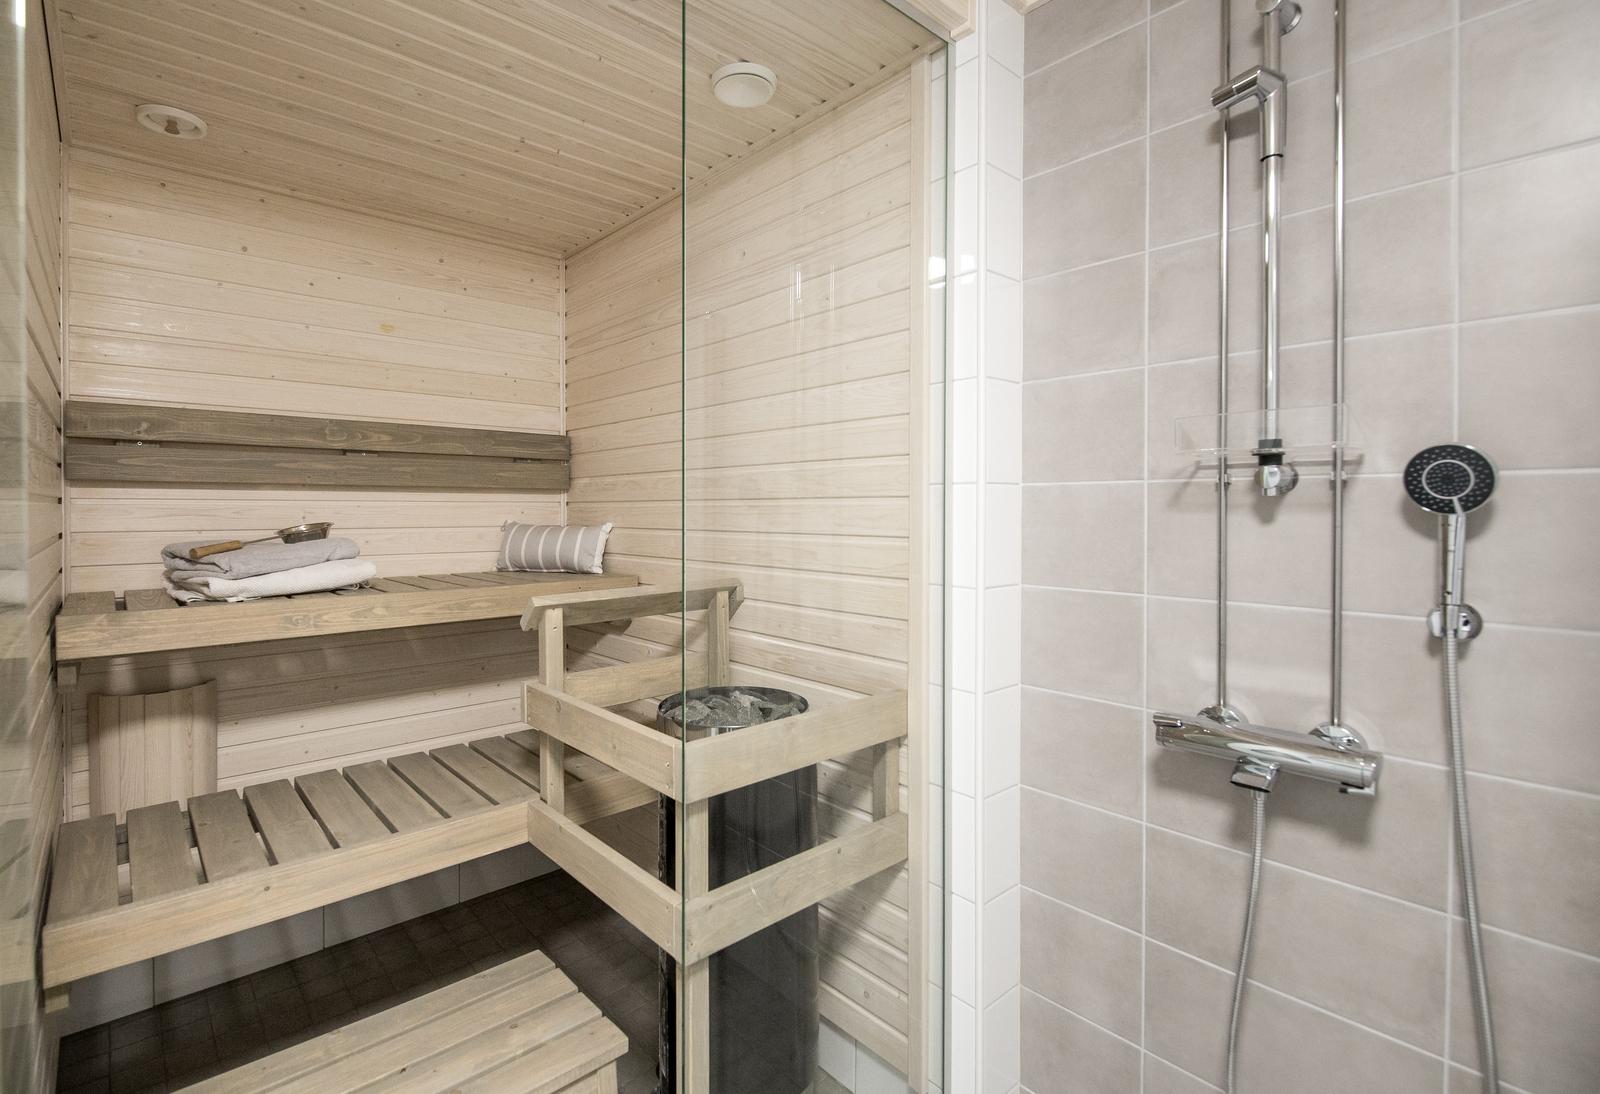 Mainio kaunis sauna